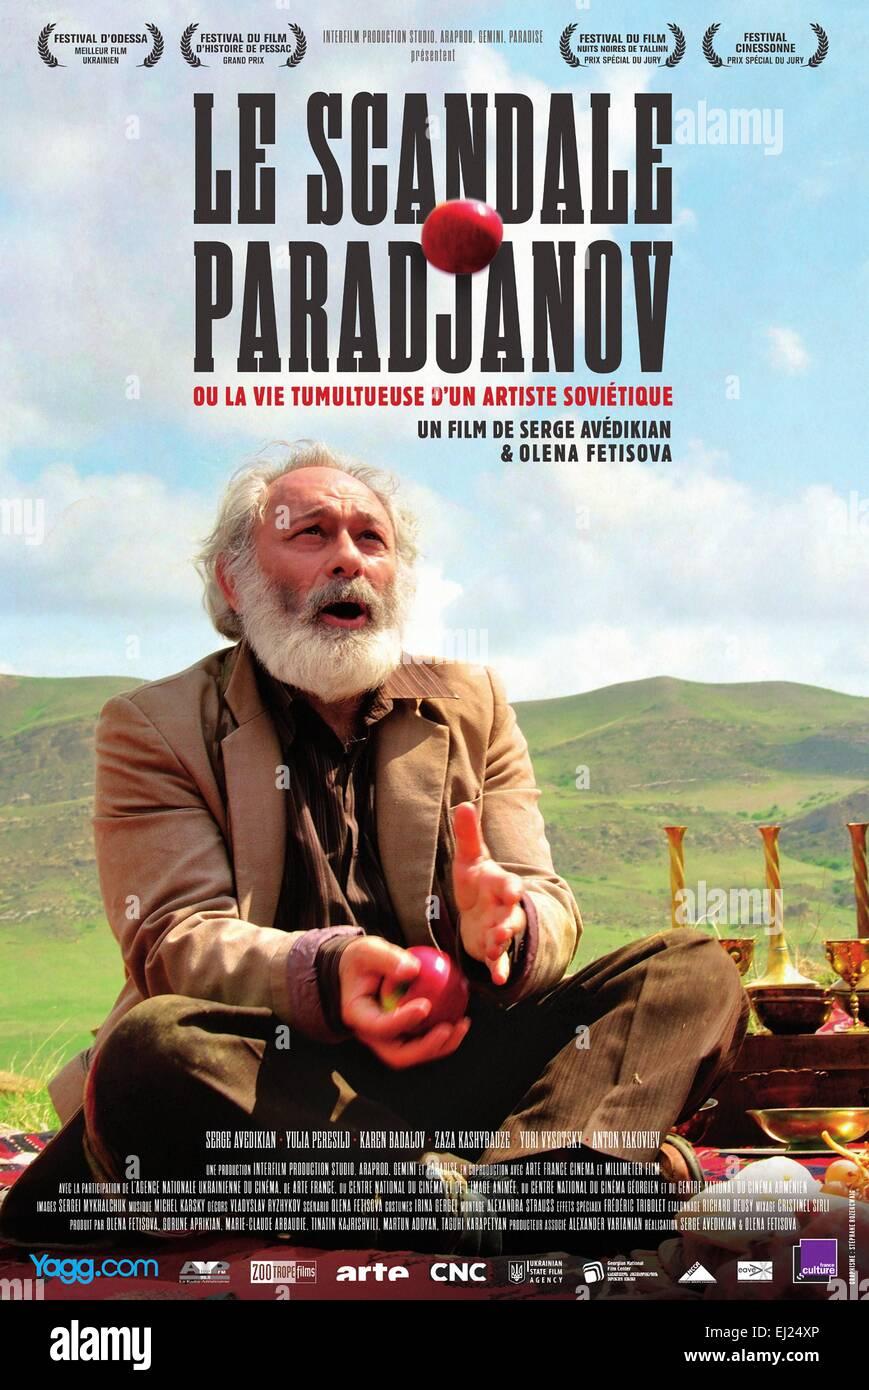 Le Scandale Paradjanov ou La vie tumultueuse d'un artiste sovietique Year : 2014 Ukraine / Georgia / France Director Stock Photo